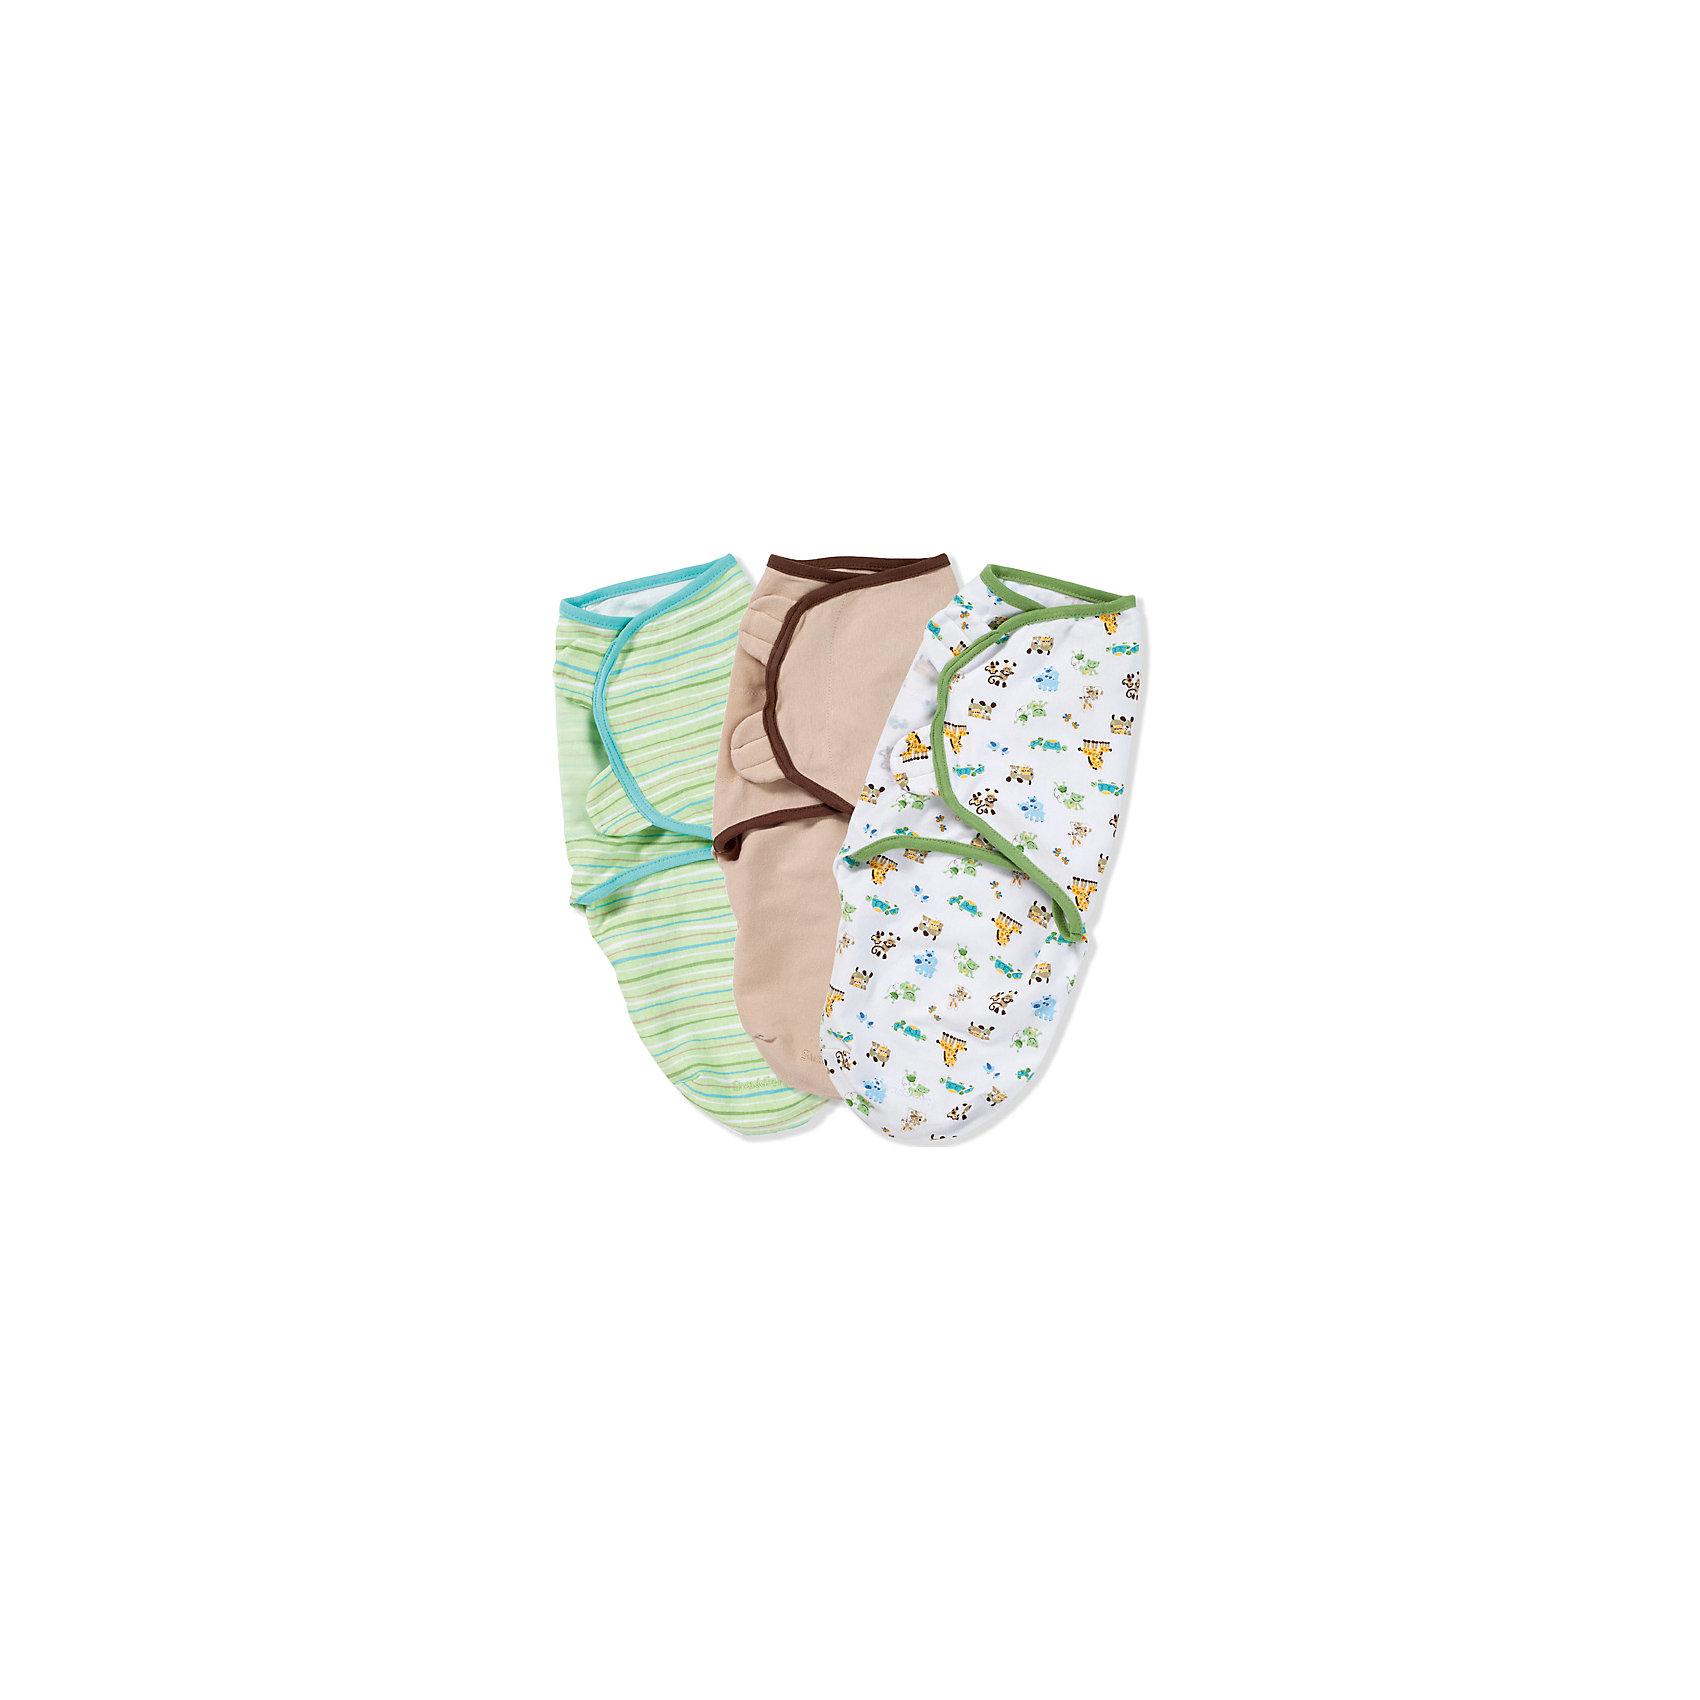 Конверт для пеленания на липучке, SWADDLEME®, р-р S/M, 3 шт., разноцветныйПеленание успокаивает новорожденных путем воссоздания знакомых ему чувств, как в утробе мамы.<br>Мягко облегая, конверт не ограничивает движение ребенка, и в тоже время помогает снизить рефлекс внезапного вздрагивания, благодаря этому сон малыша и родителей будет более крепким.<br>Регулируемые крылья для закрытия конверта сделаны таким образом, что даже самый активный ребенок не сможет распеленаться во время сна.<br>Объятия крыльев регулируются по мере роста ребенка.<br>Конверт можно открыть в области ног малыша для легкой смены подгузников - нет необходимости разворачивать детские ручки.<br>Состав: хлопок и нити эластана. <br>Длина конверта: 50 см (размер S/M). Подходит для малышей среднего размера от 3 до 7 кг<br><br>Ширина мм: 220<br>Глубина мм: 220<br>Высота мм: 50<br>Вес г: 540<br>Возраст от месяцев: 0<br>Возраст до месяцев: 6<br>Пол: Унисекс<br>Возраст: Детский<br>SKU: 4331815